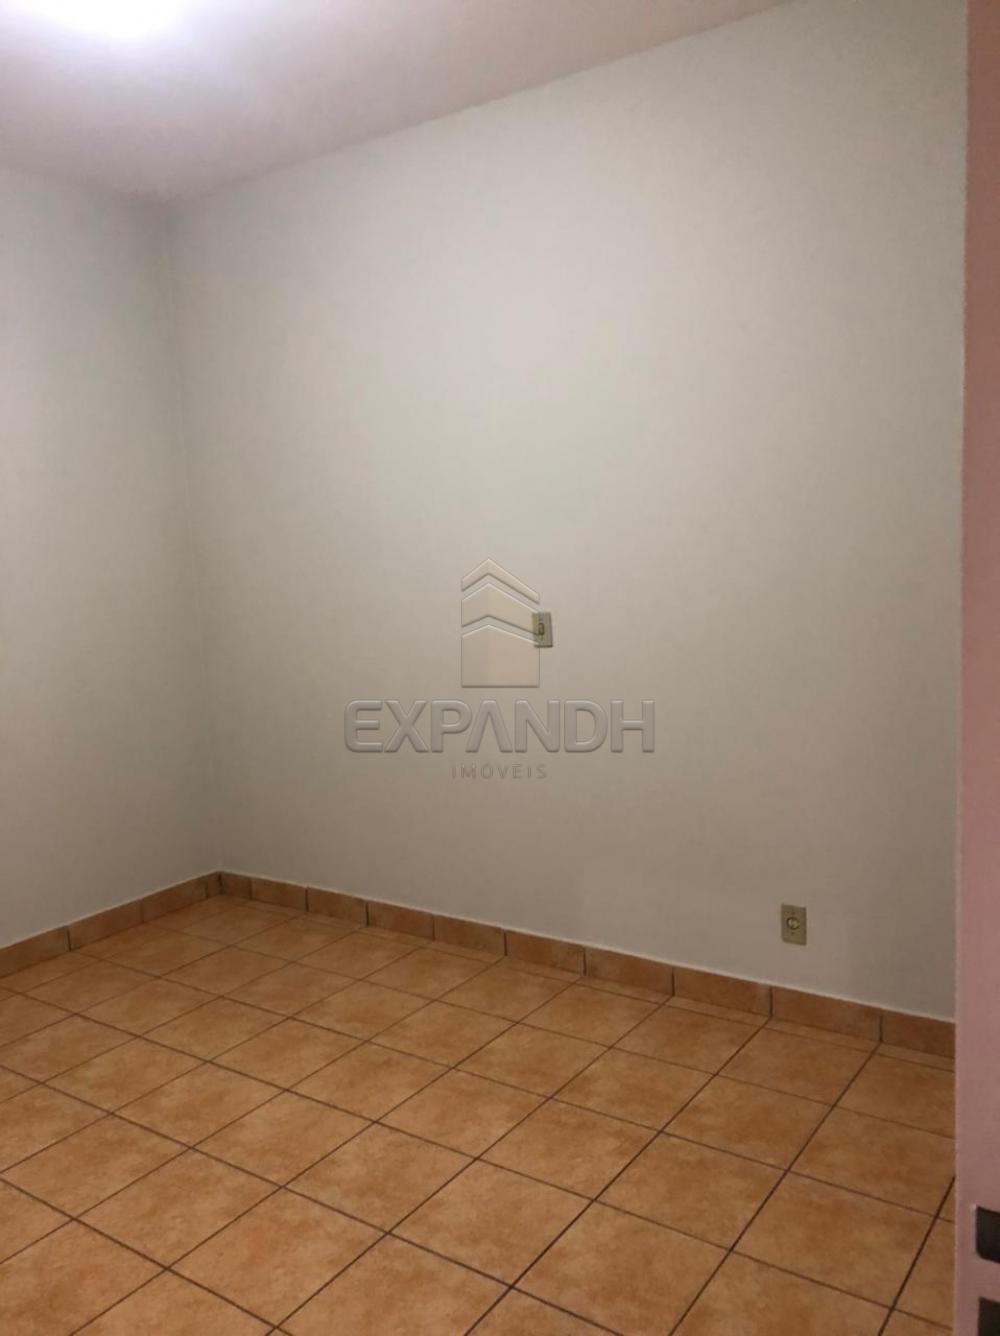 Alugar Apartamentos / Padrão em Sertãozinho R$ 900,00 - Foto 11